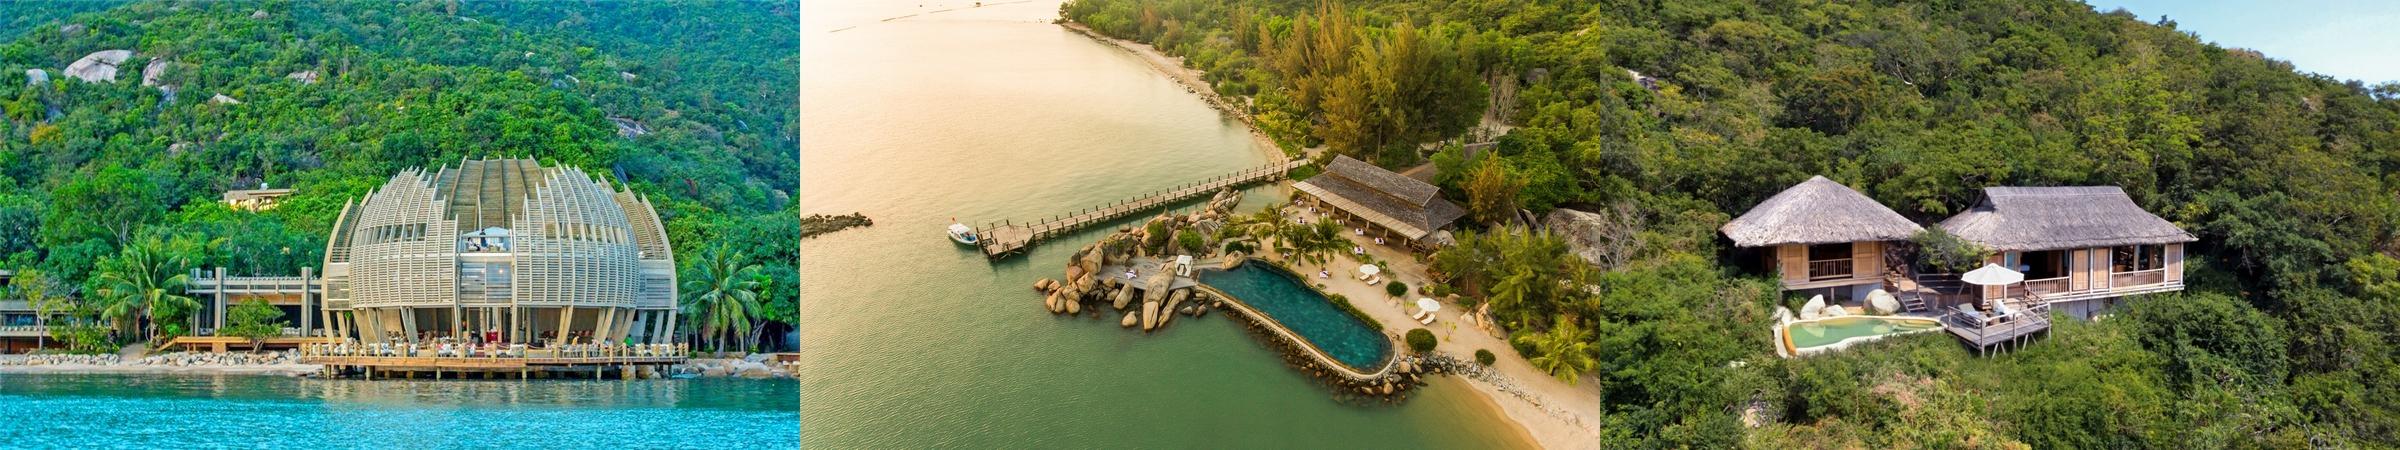 Không thể bỏ qua top 3 khách sạn đẹp ở vịnh Ninh Vân, Nha Trang